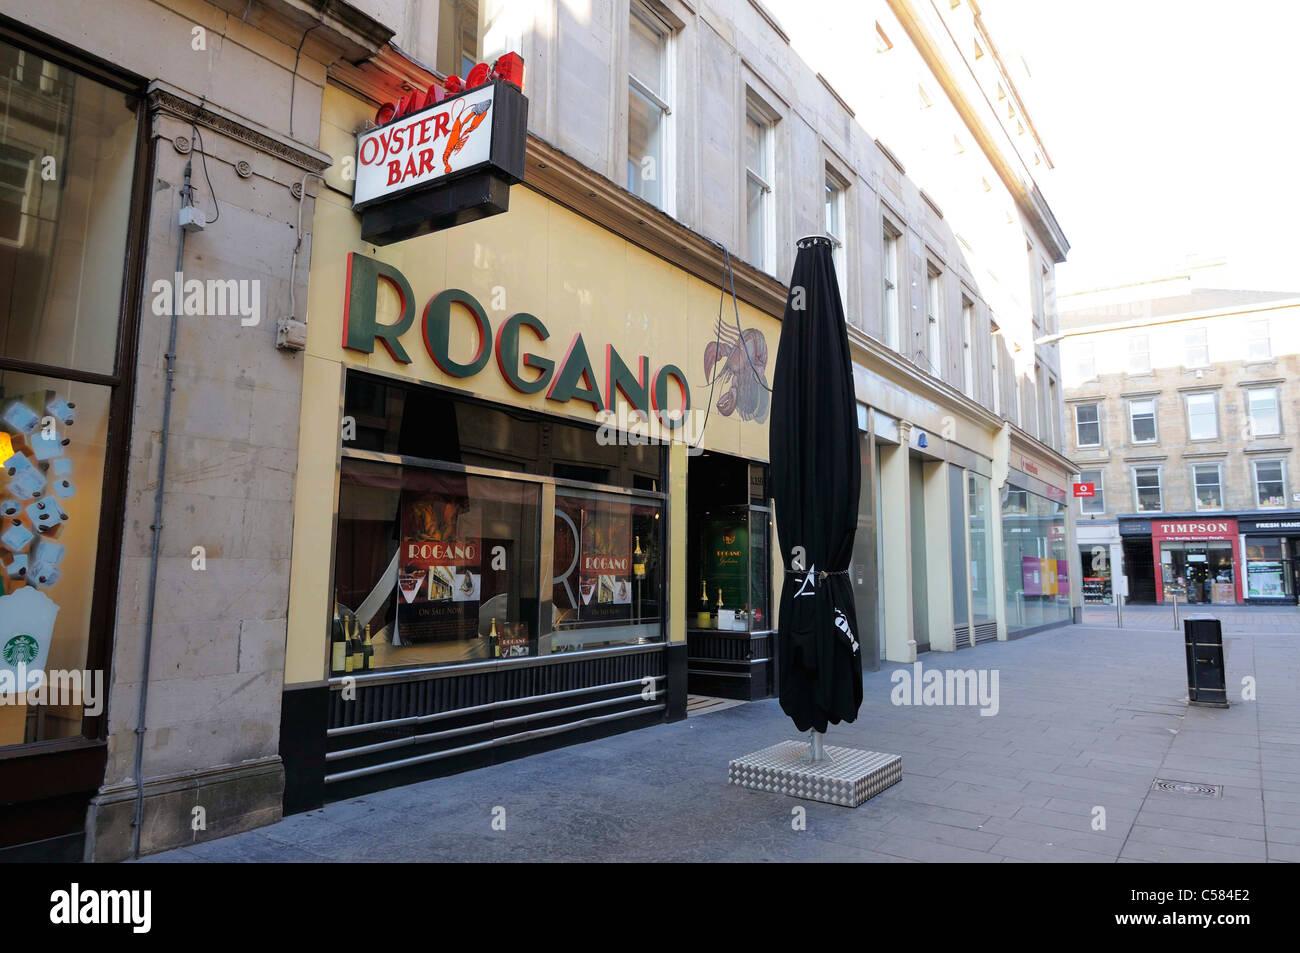 rogano-oyster-bar-restaurant-sign-C584E2.jpg